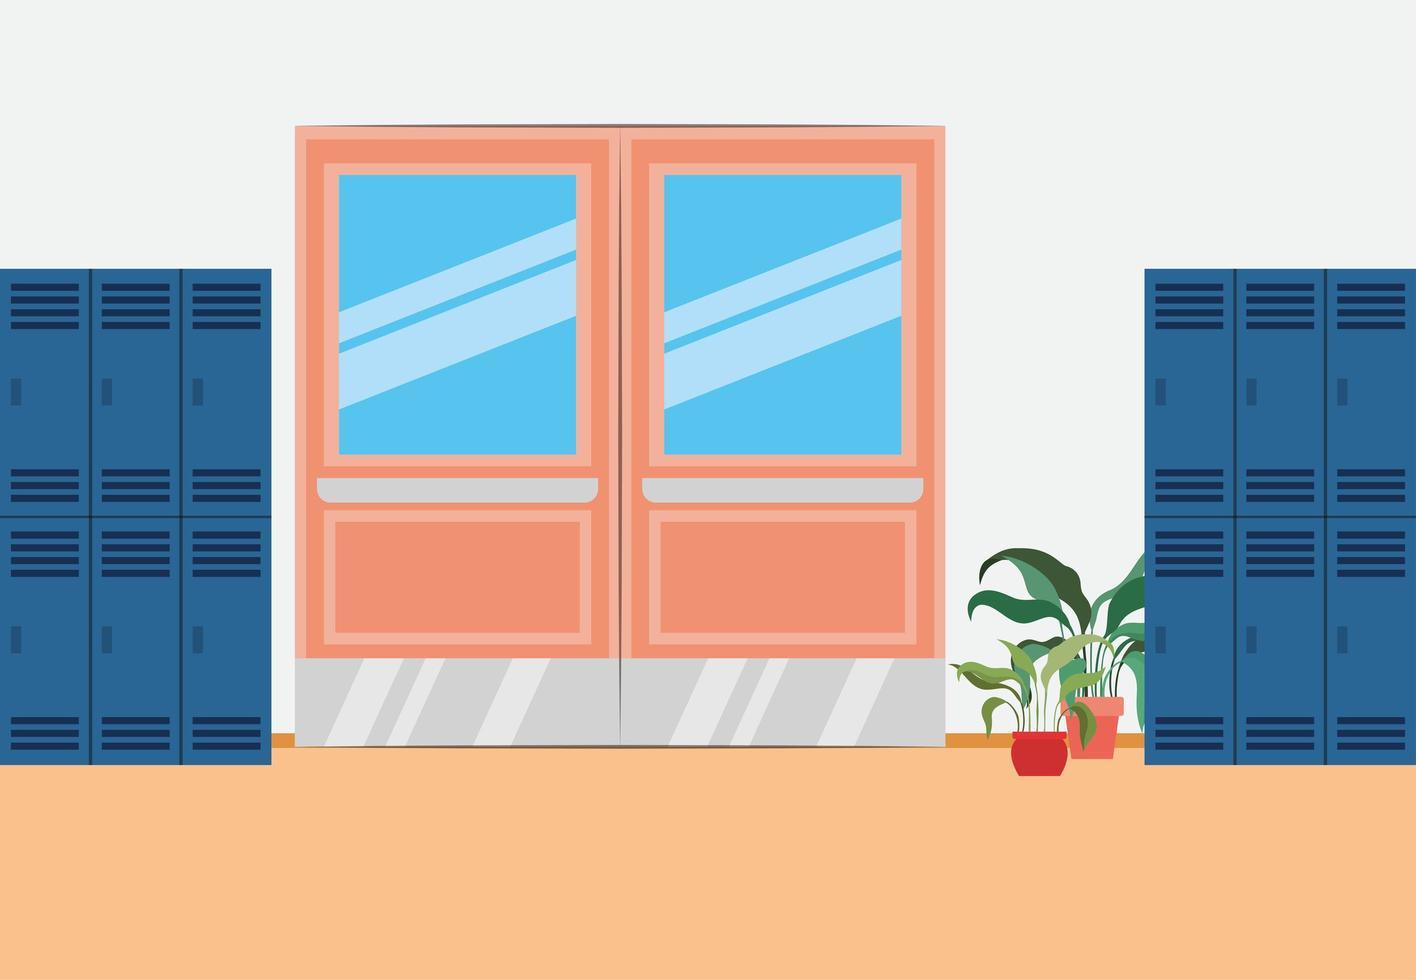 couloir d & # 39; école avec scène de casiers vecteur